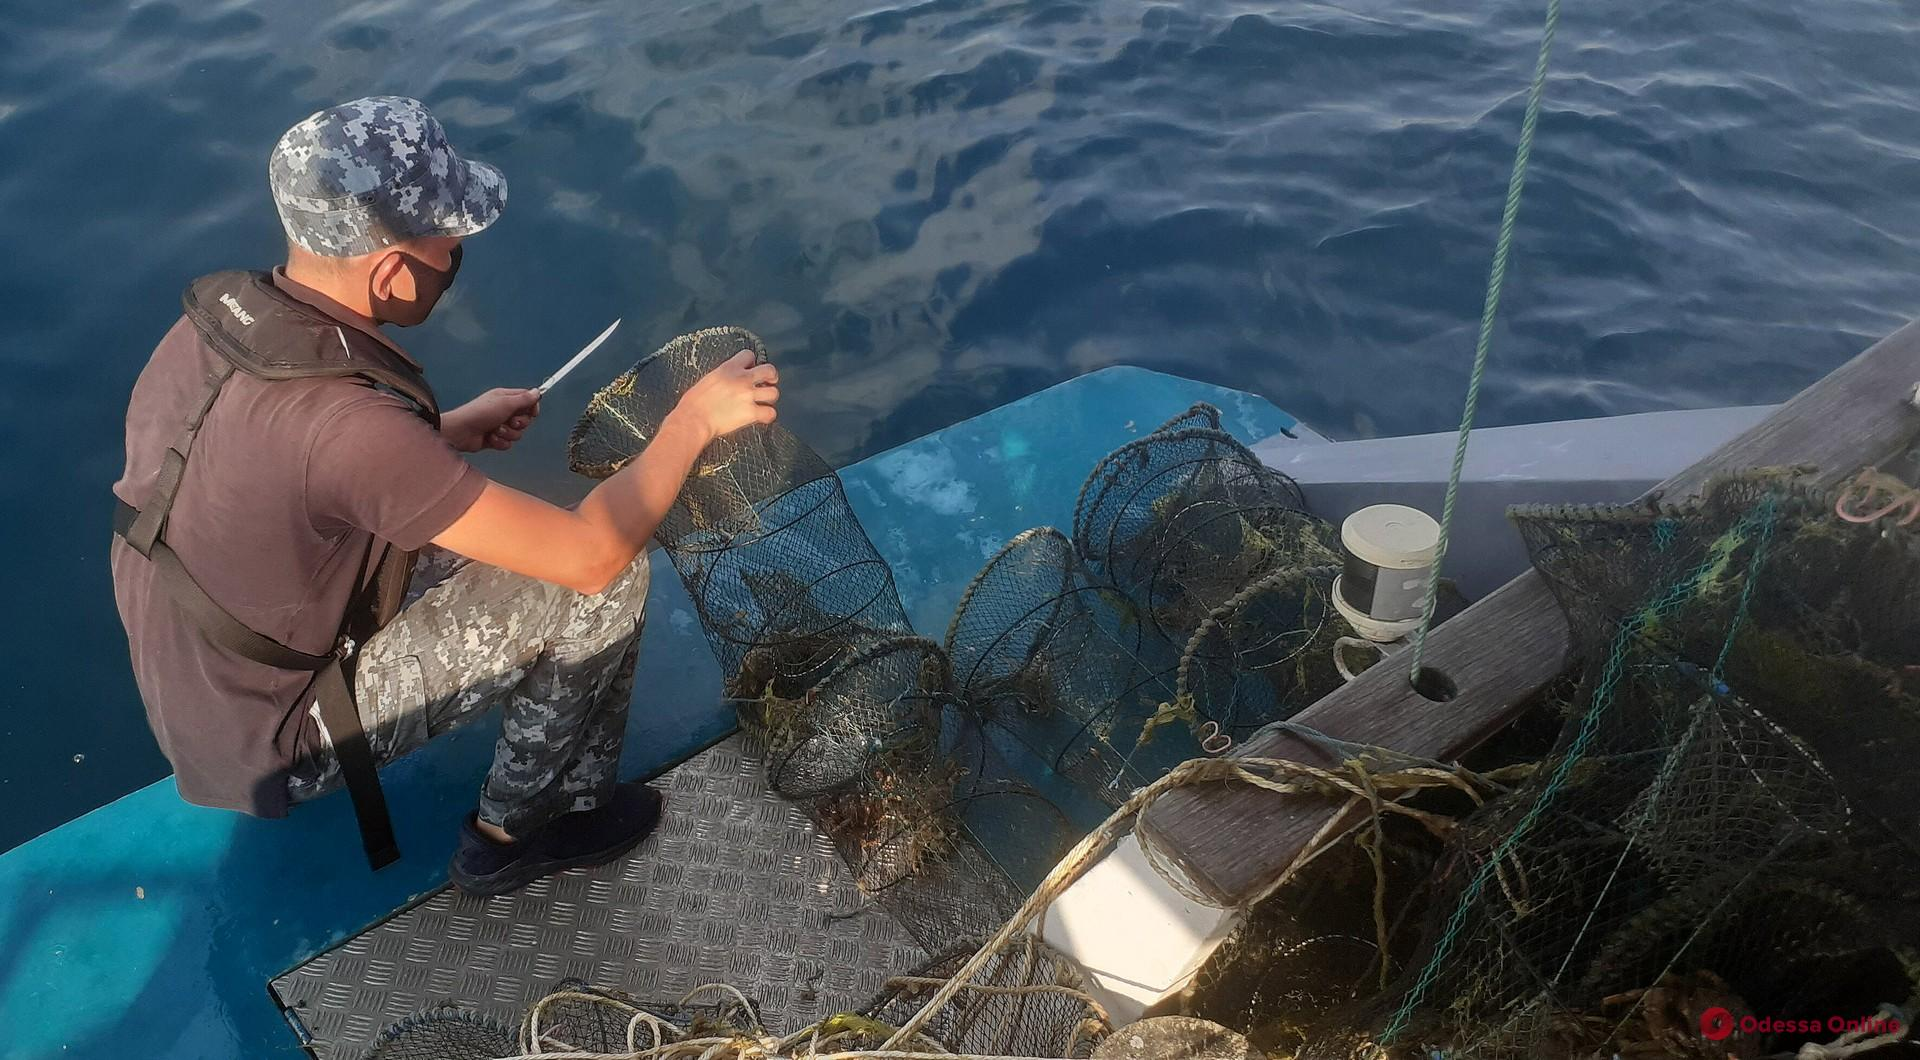 Одесские морские пограничники освободили из браконьерских ловушек 700 крабов (видео)